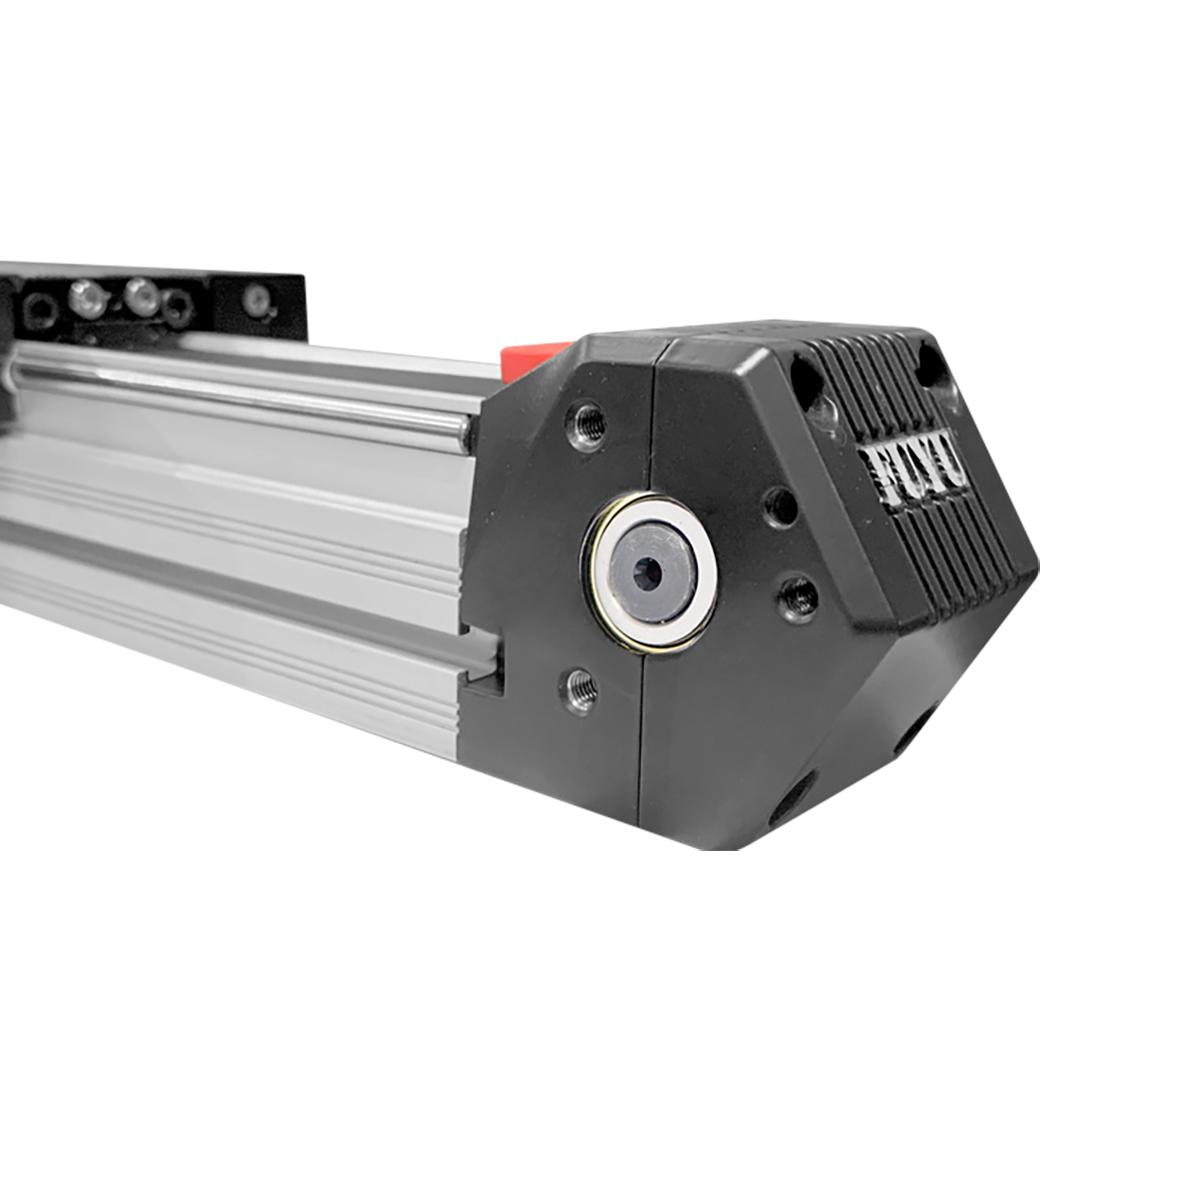 Actuador lineal ligero accionado por correa de riel guía de doble eje de alta velocidad